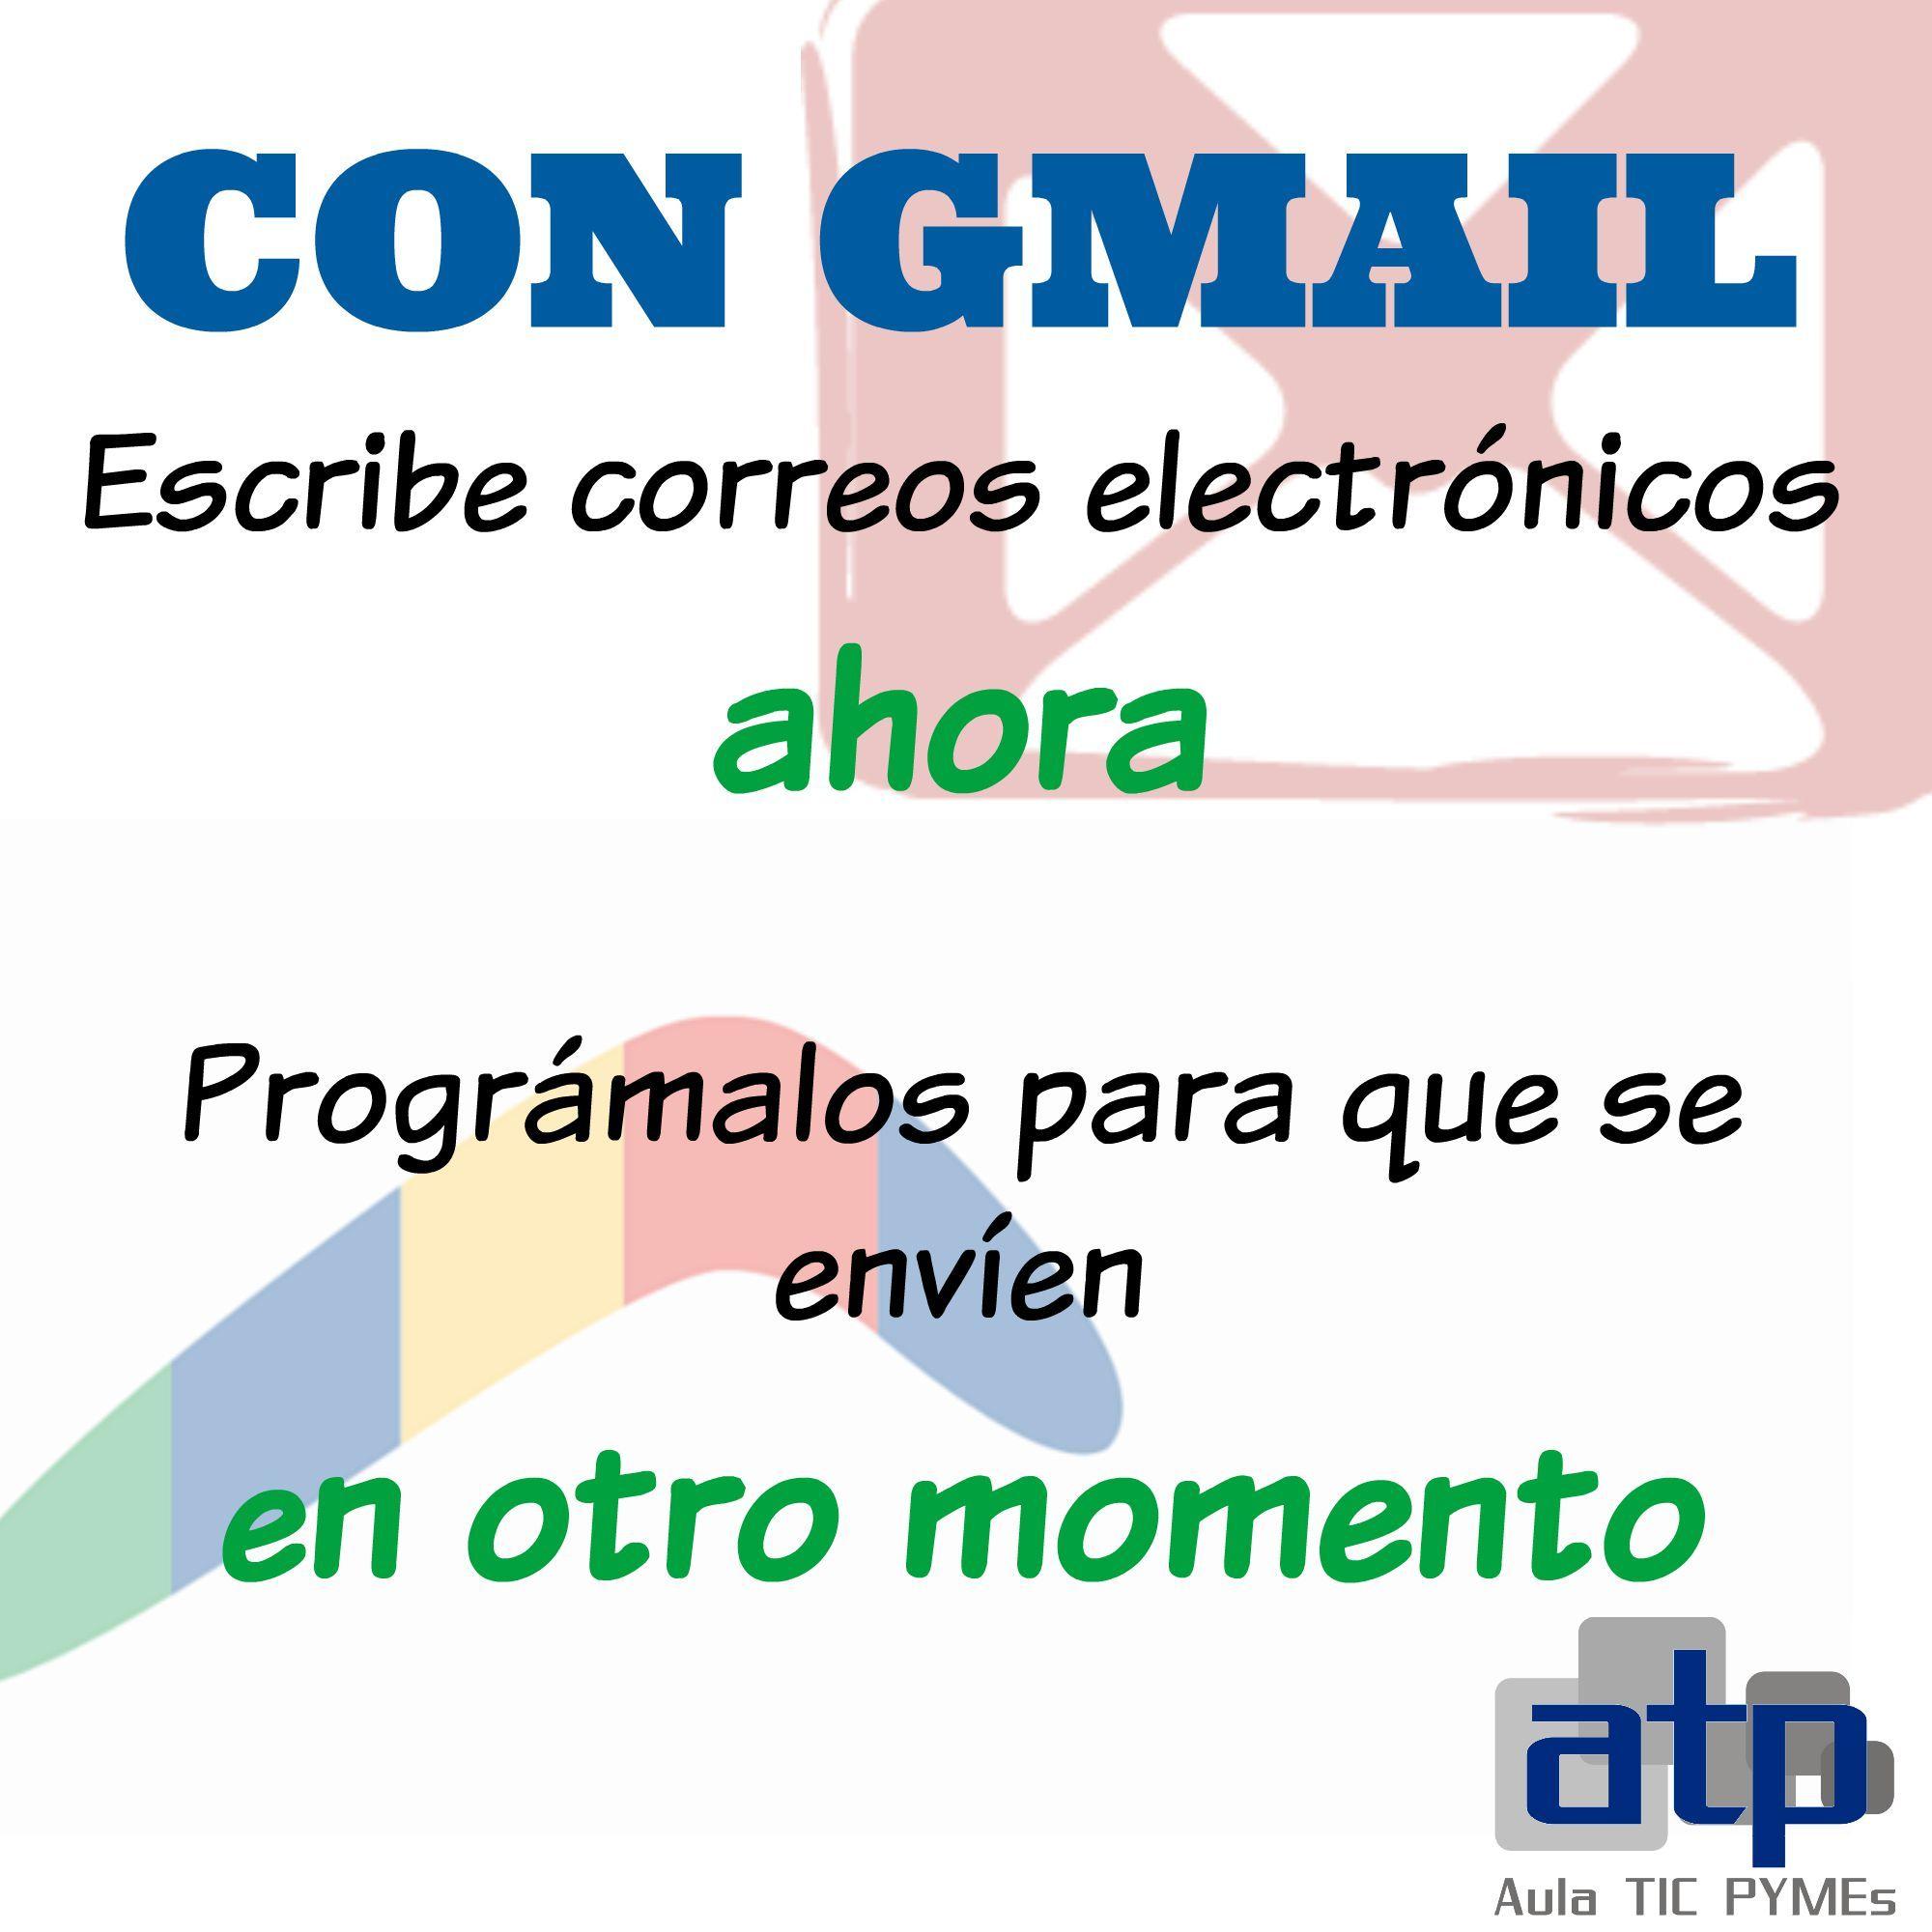 ¿Quieres saber cómo programar el envío automático de tus correos en #Gmail de forma muy rápida y sencilla?